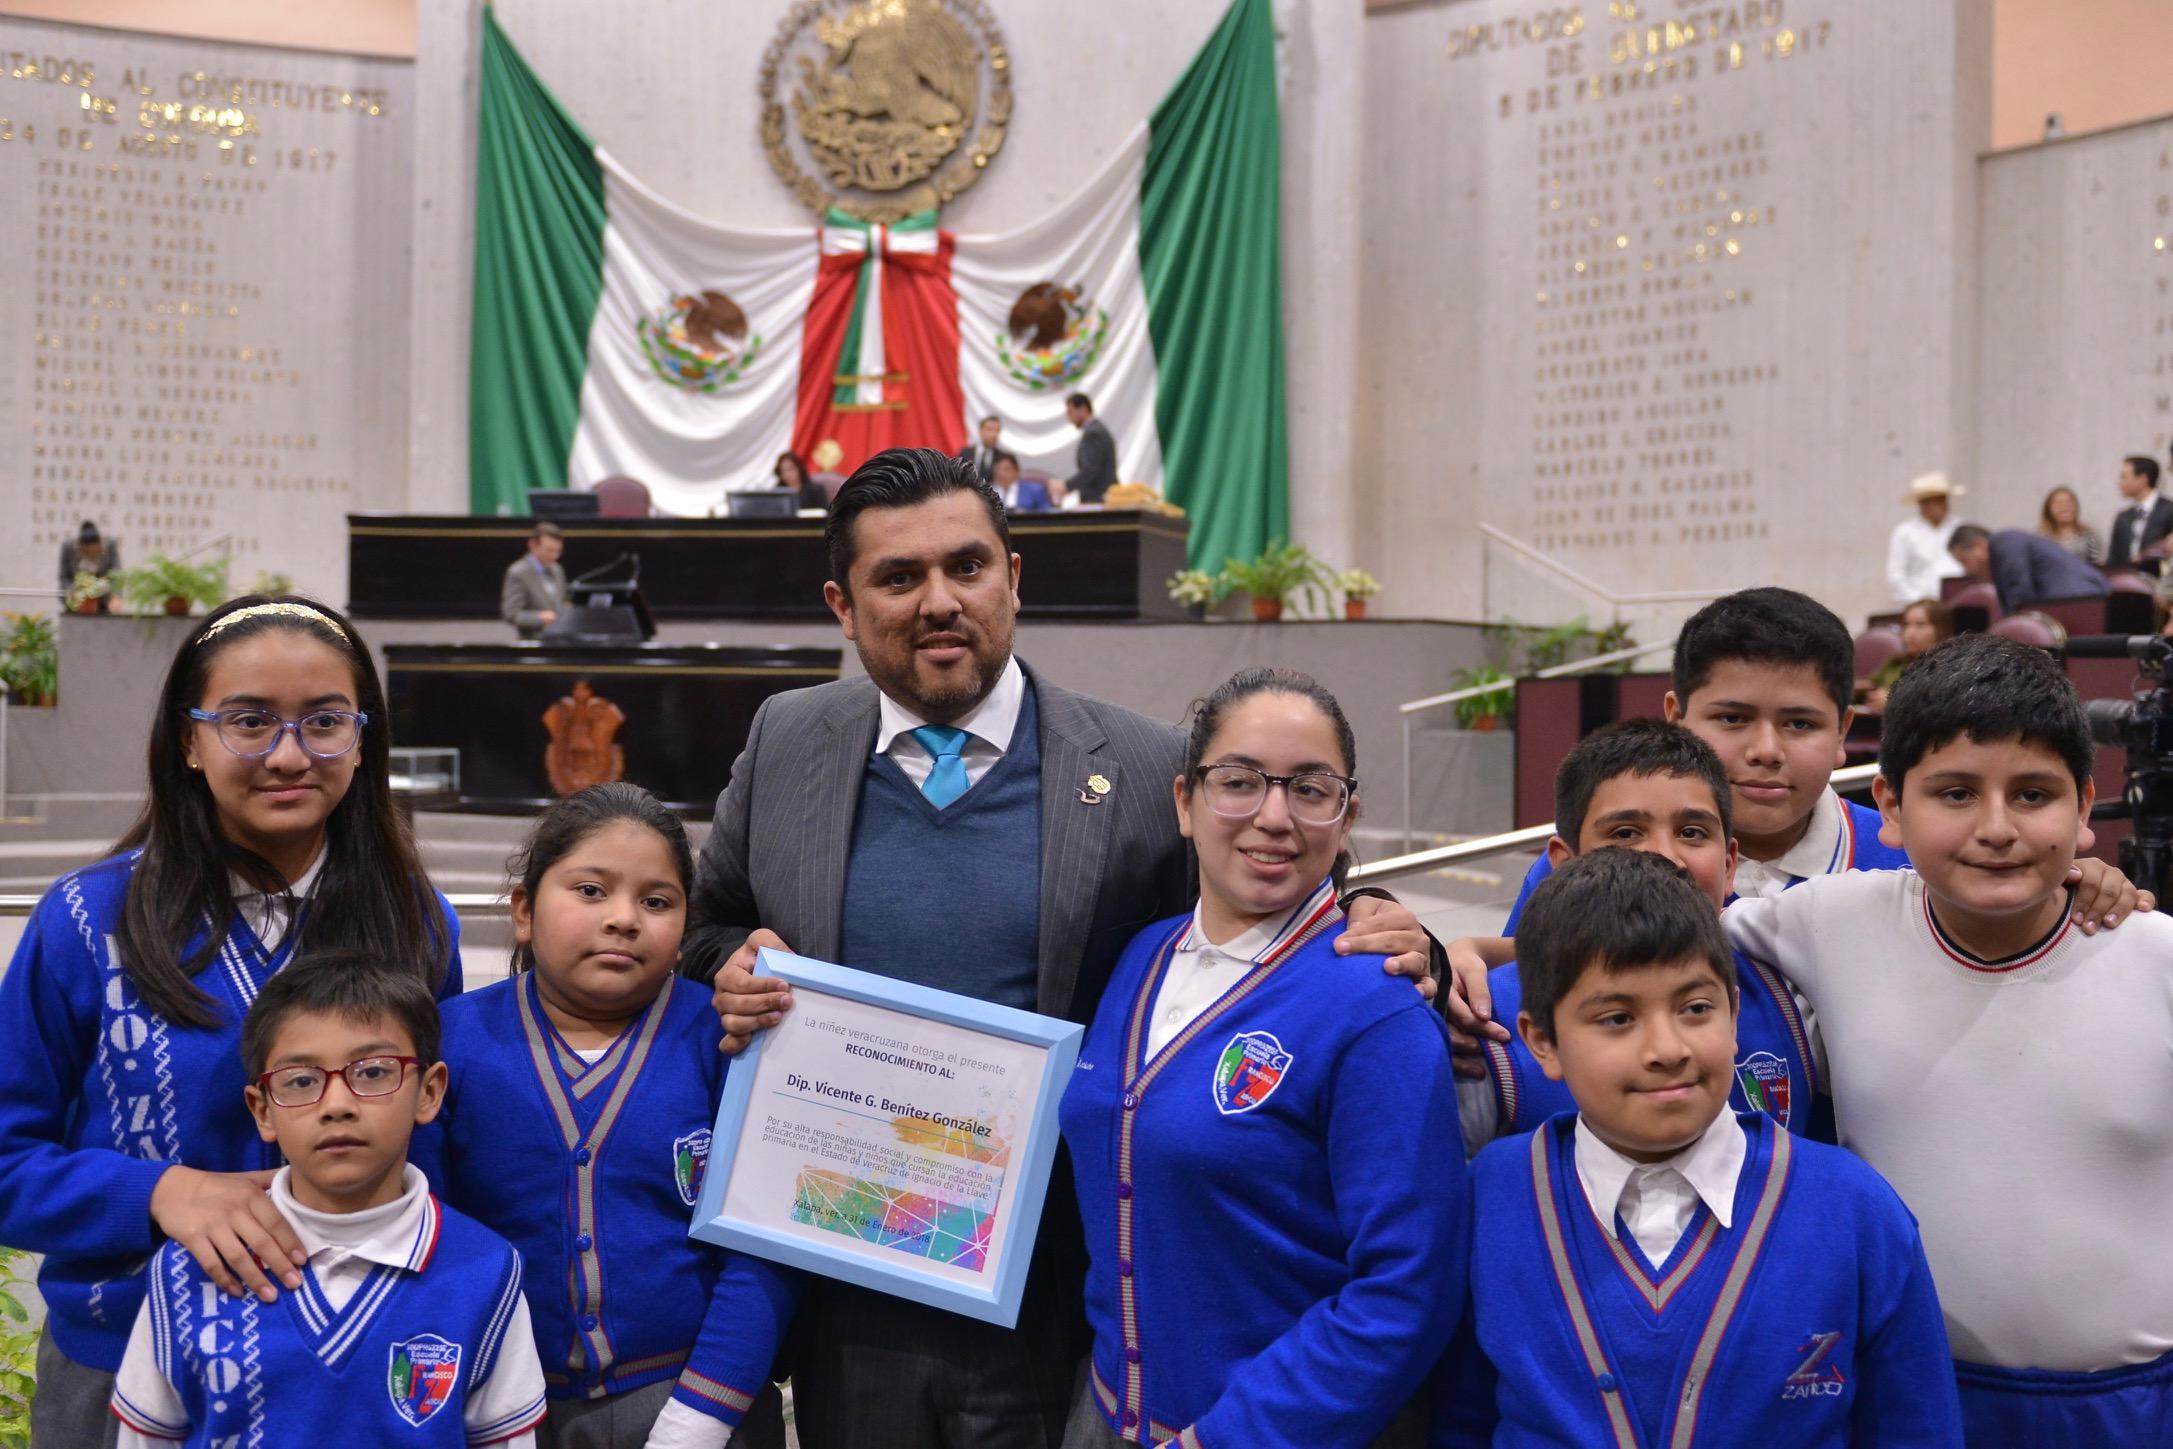 Avala Congreso reforma para que Gobierno otorgue uniformes escolares gratuitos